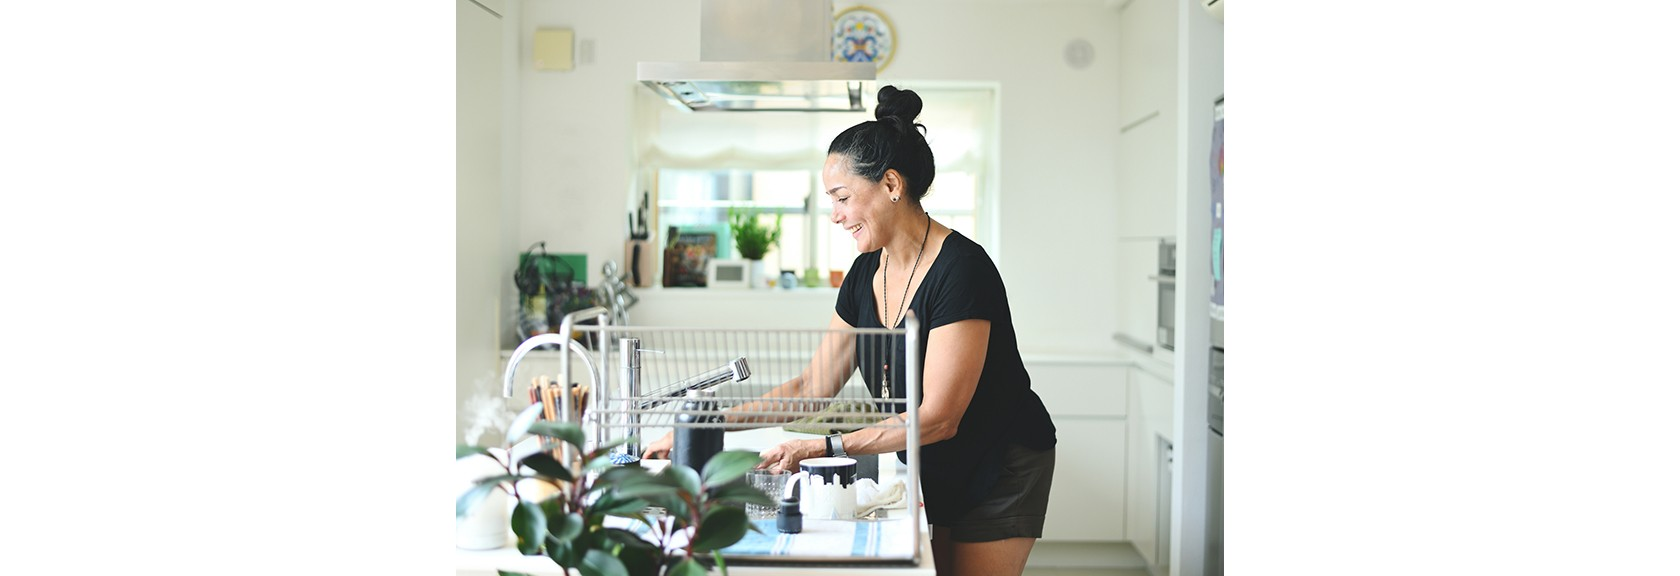 Frühjahrsputz – Küche, Frau reinigt das Waschbecken in der Küche.